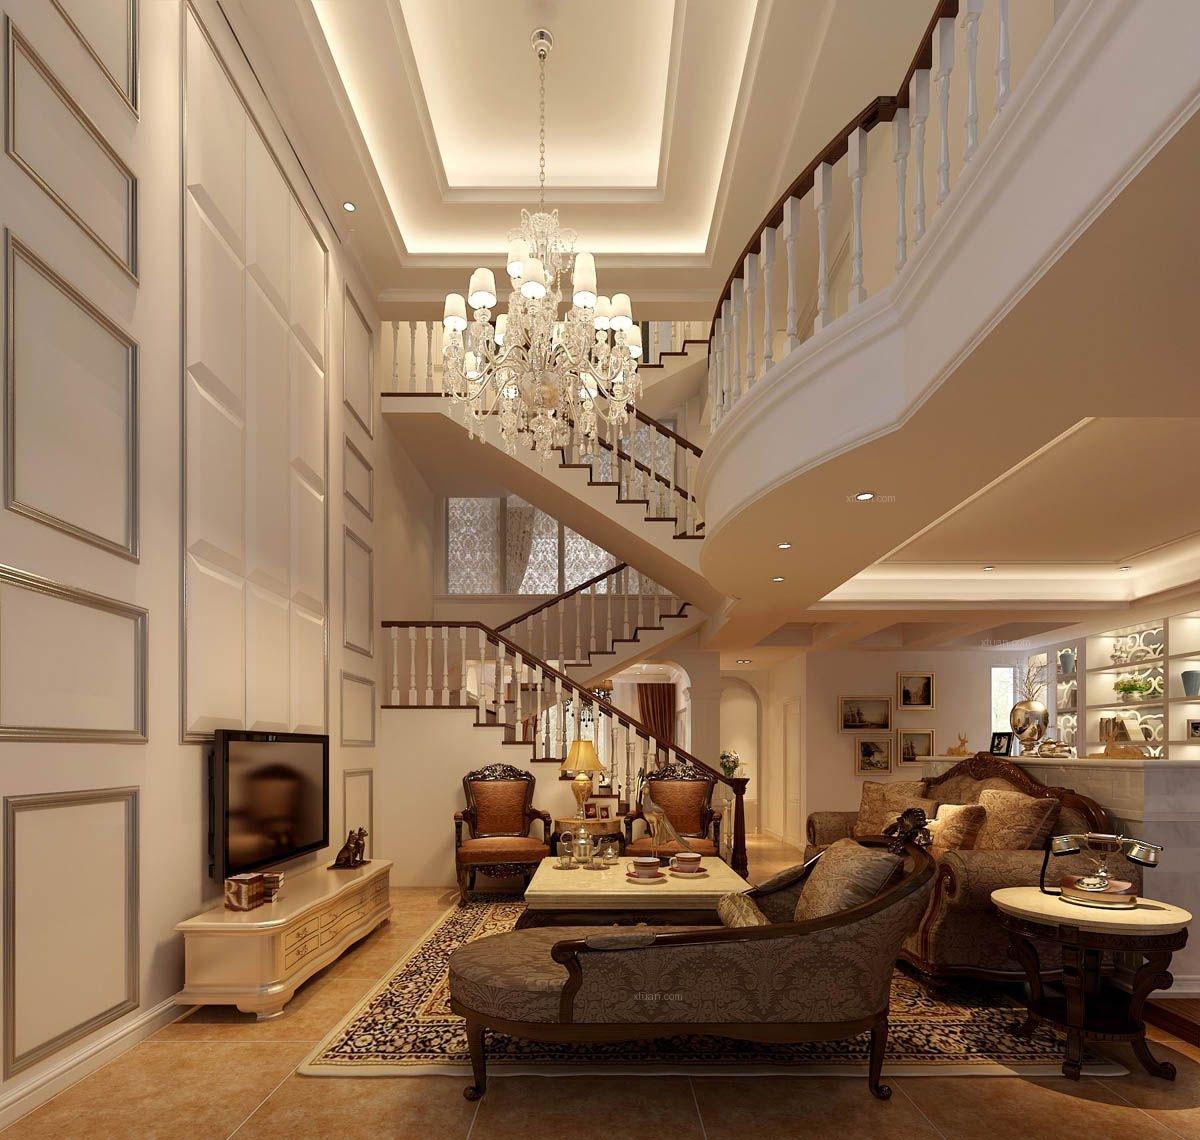 标签:客厅别墅欧式风格电视背景墙 设计理念:典型的古典欧式风格,以